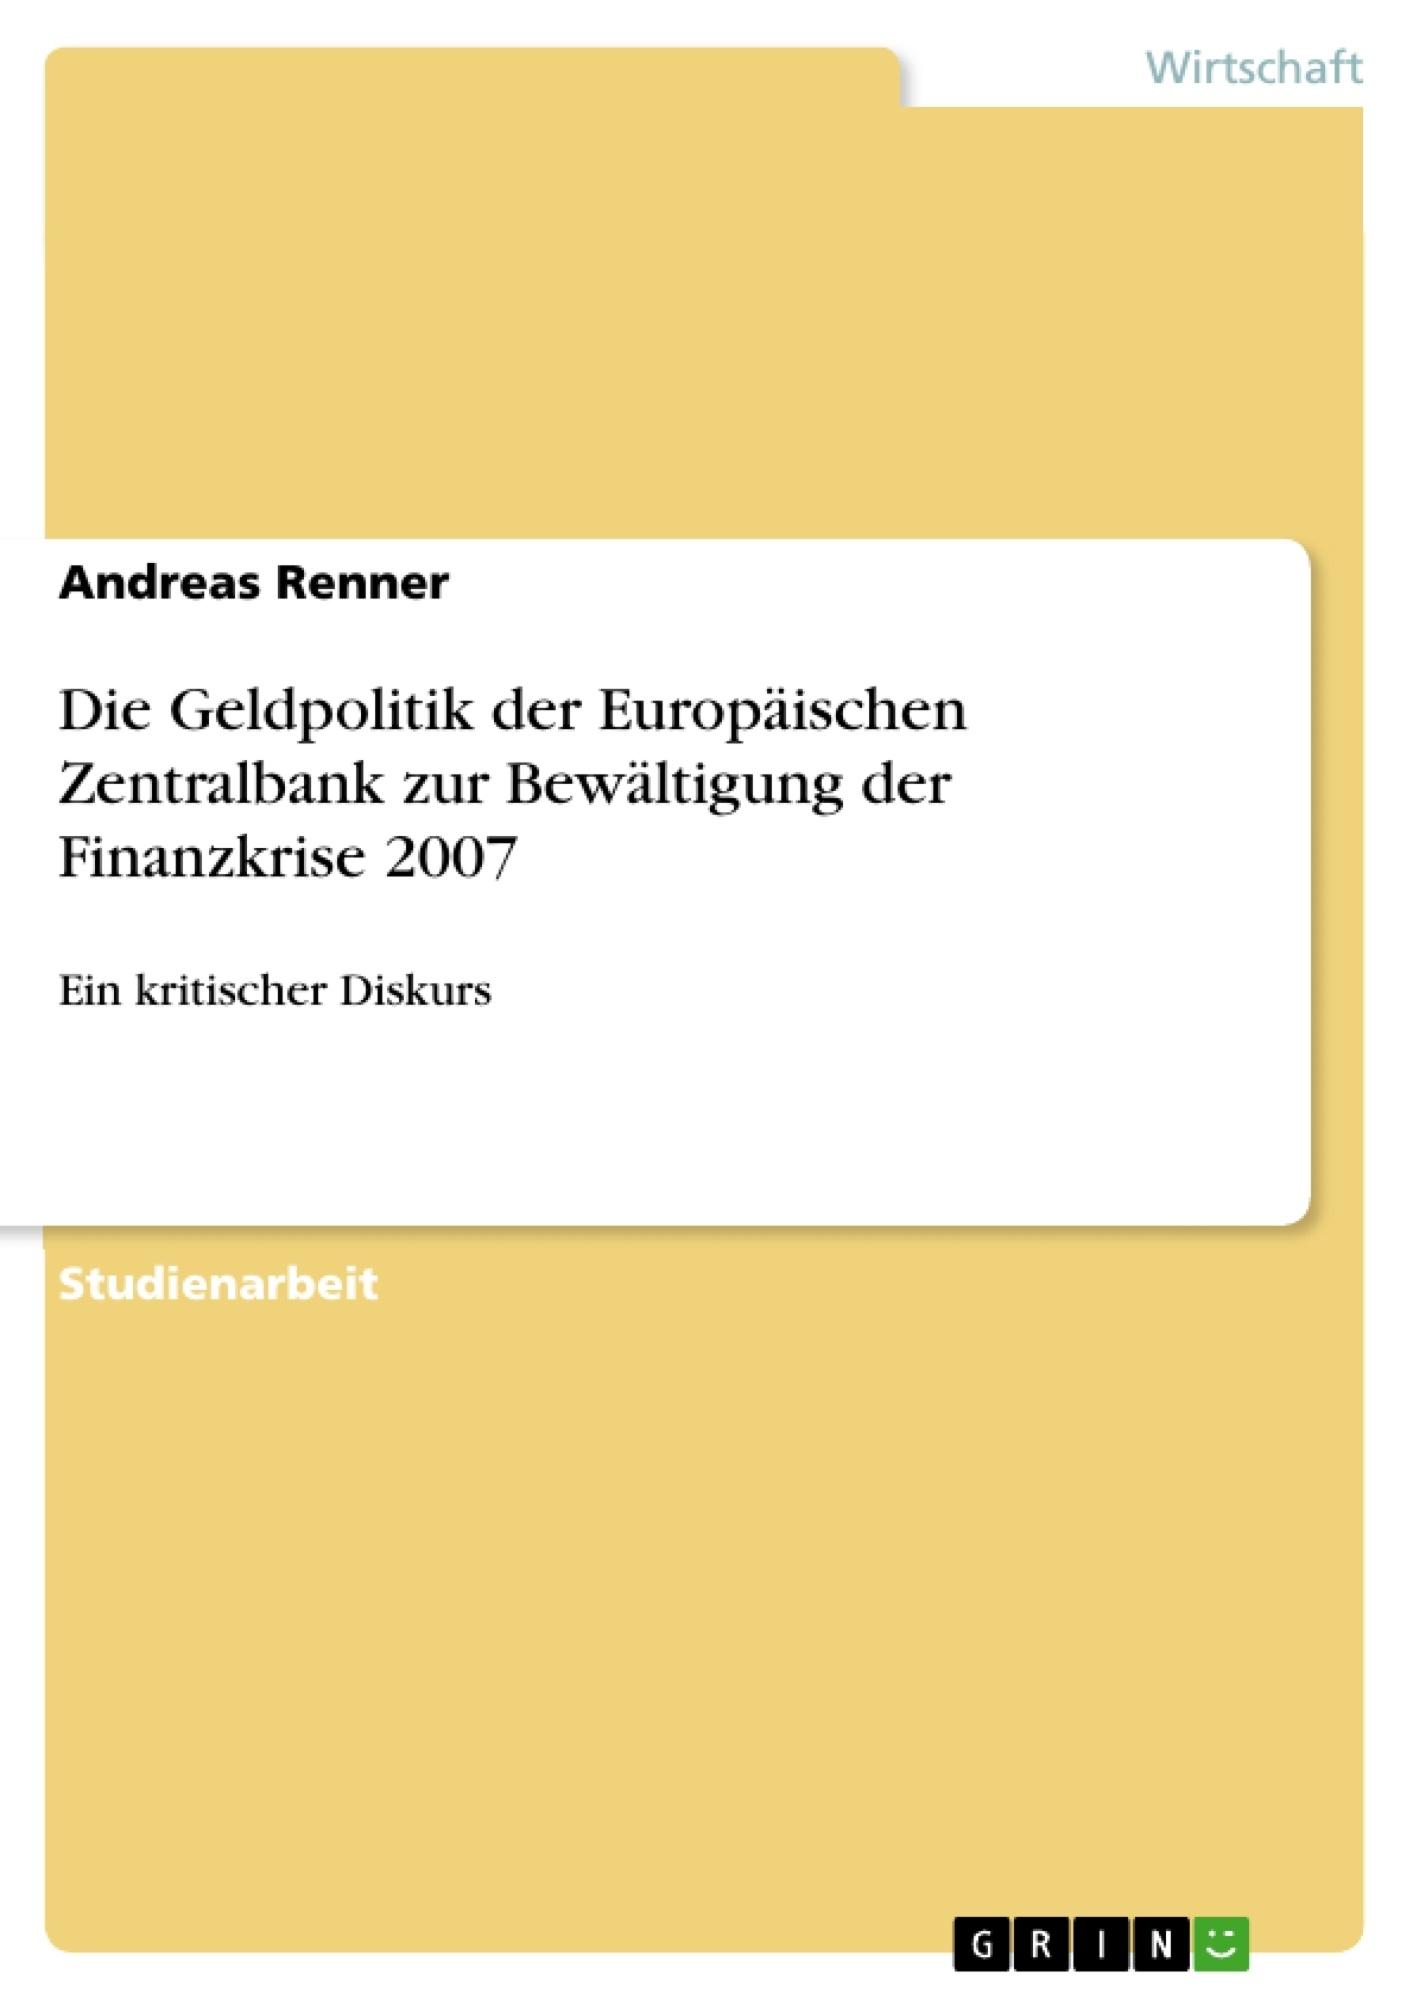 Titel: Die Geldpolitik der Europäischen Zentralbank zur Bewältigung der Finanzkrise 2007